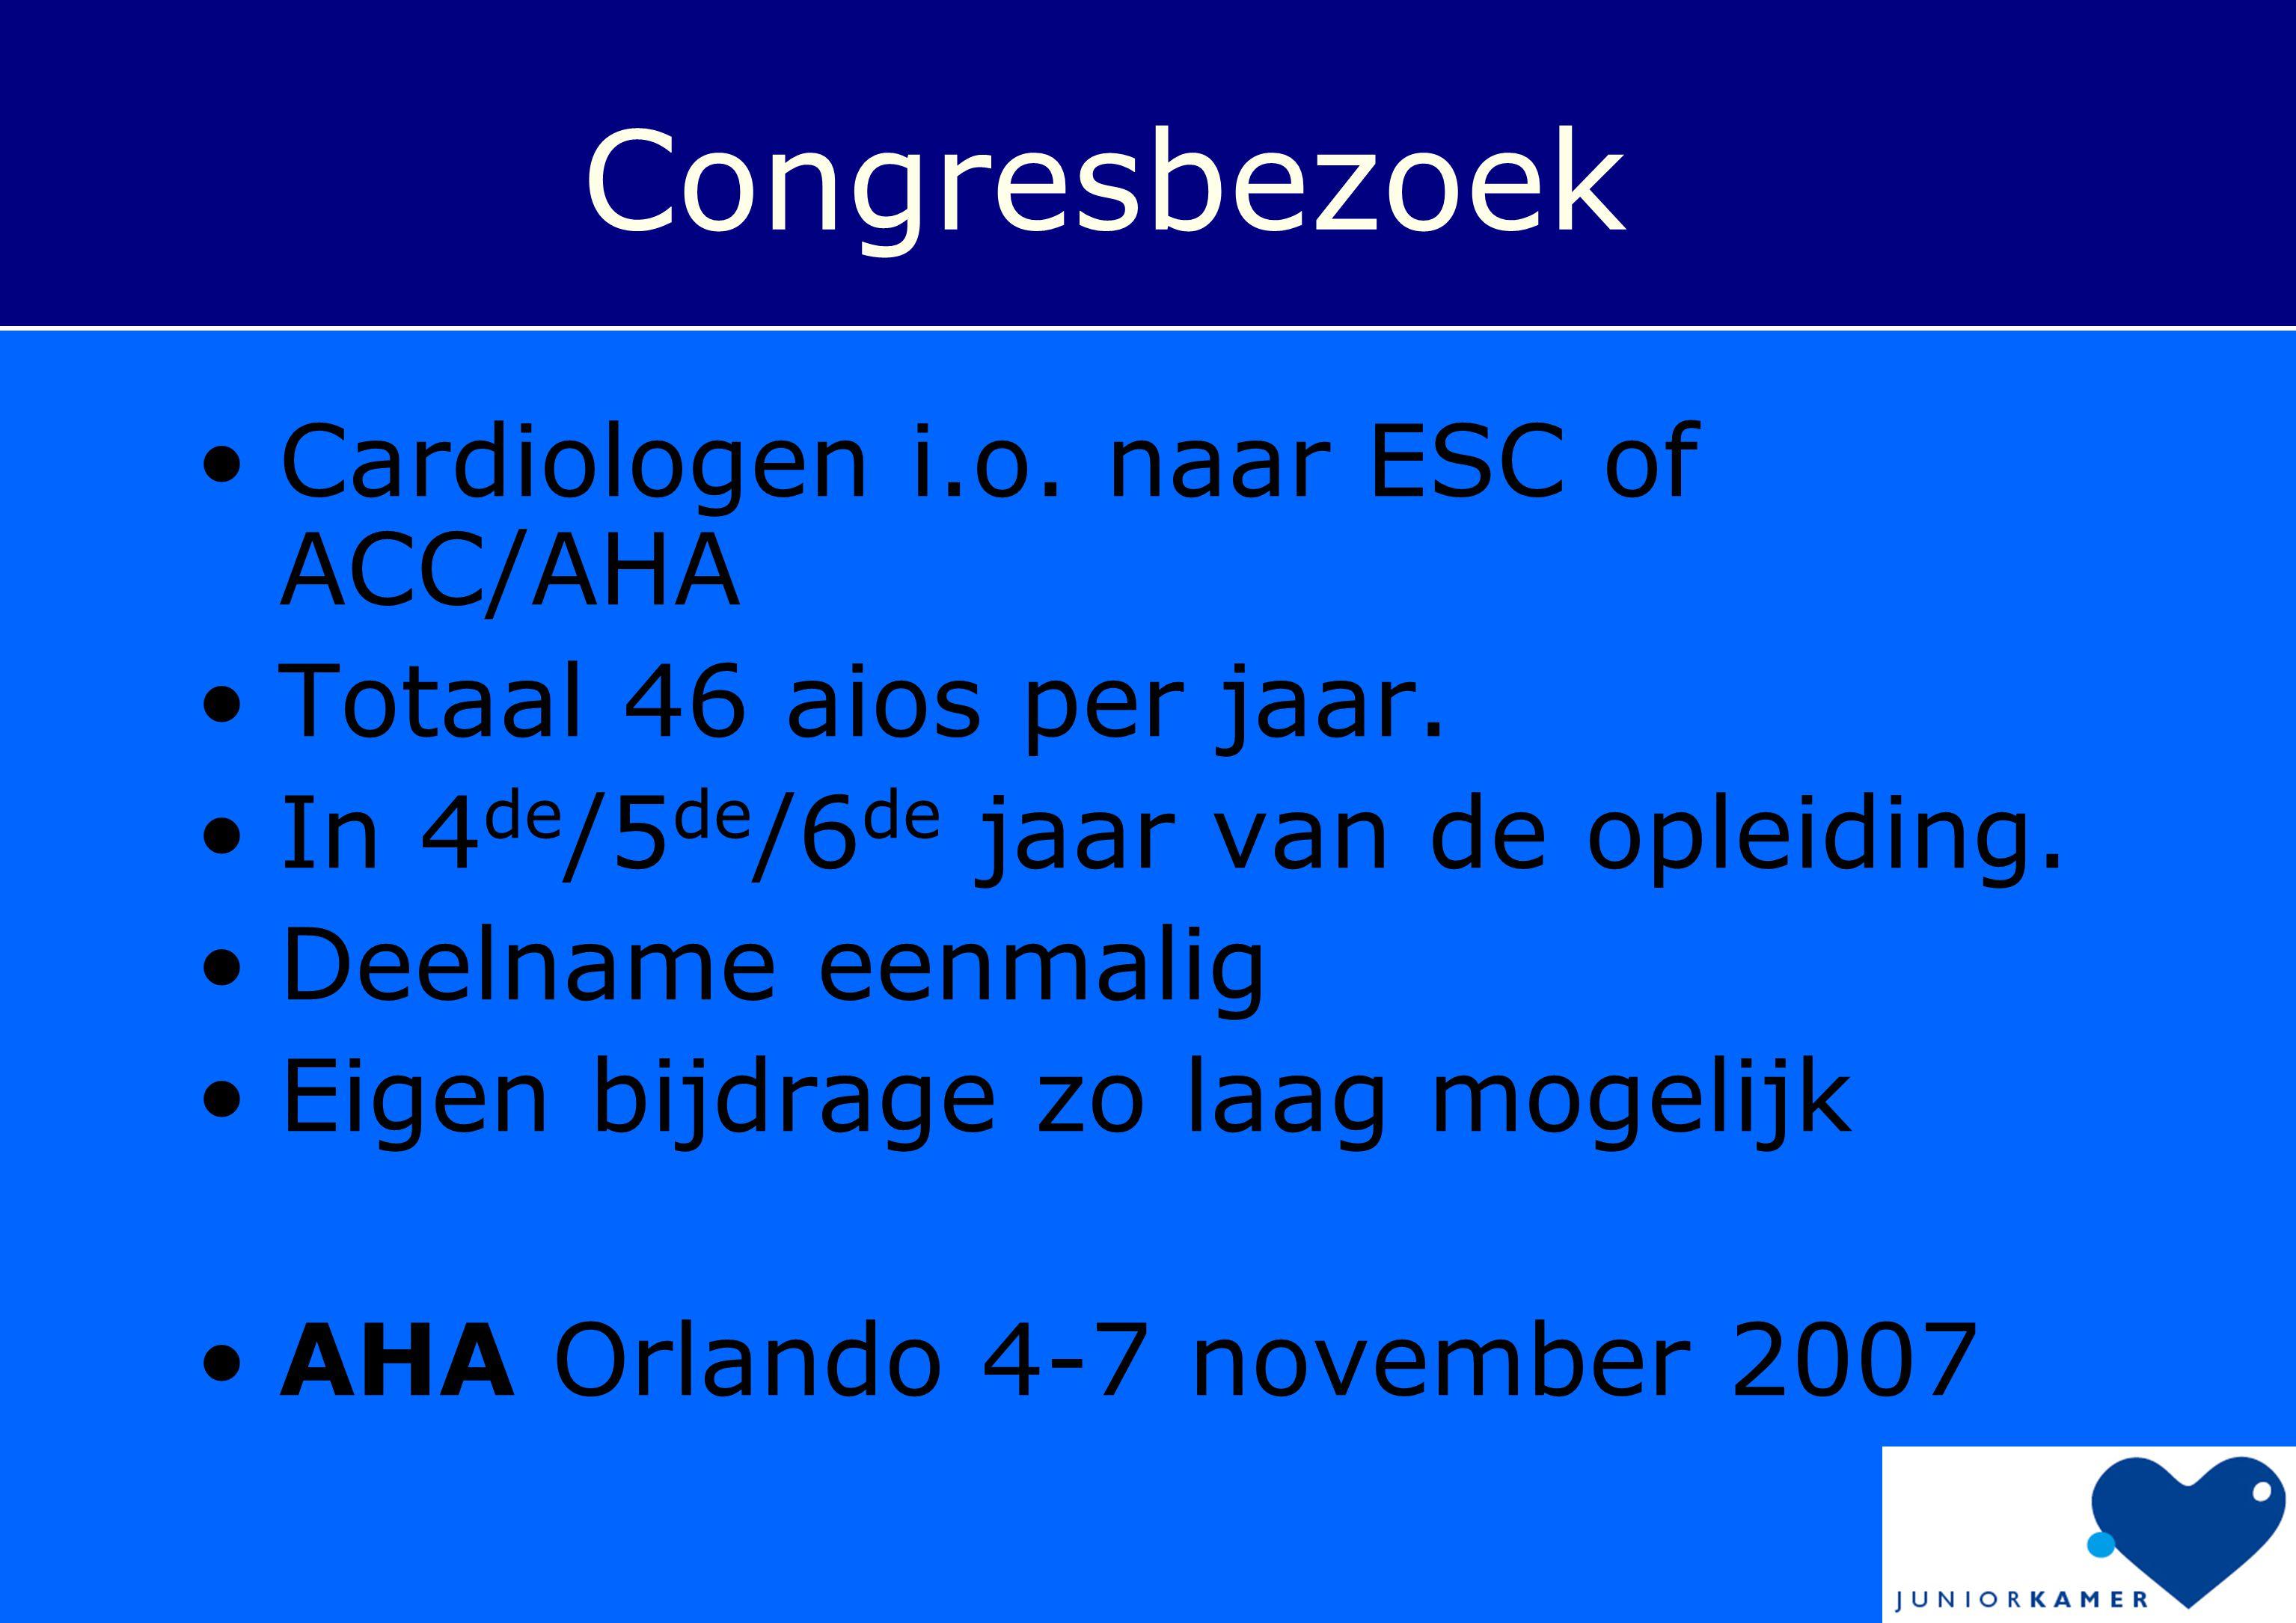 Congresbezoek Cardiologen i.o. naar ESC of ACC/AHA